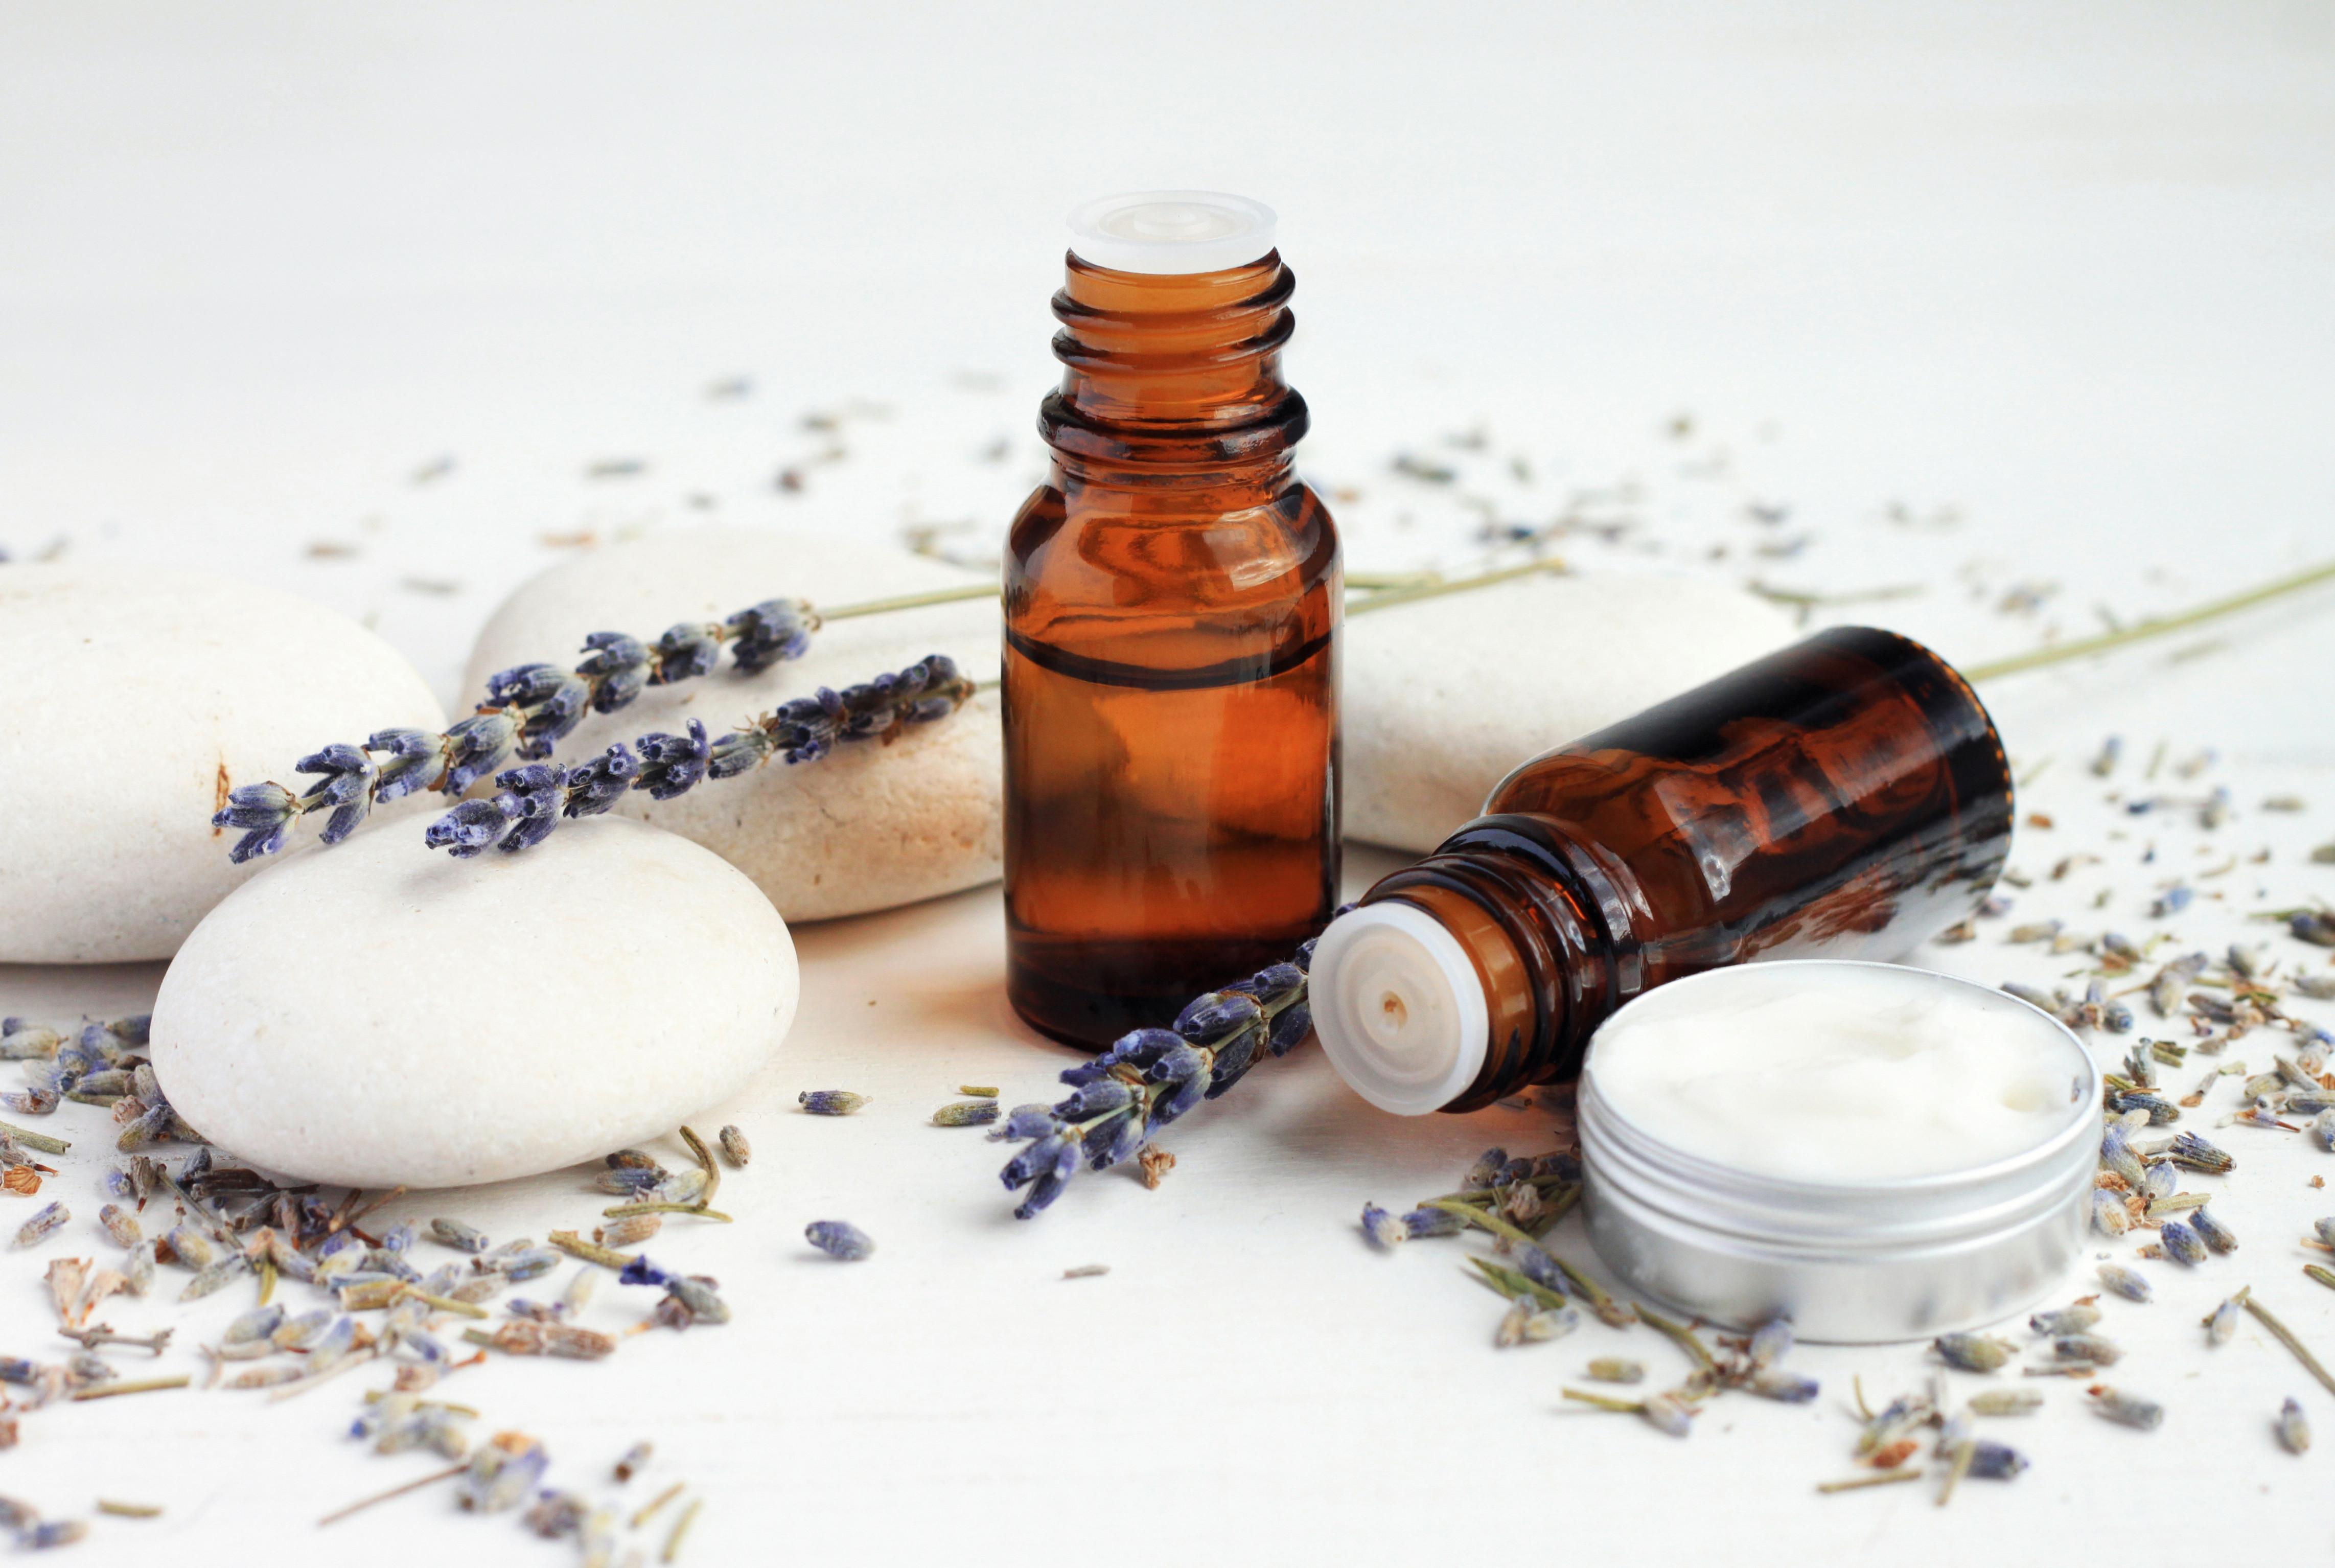 Gérer son stress grâce à l'aromathérapie